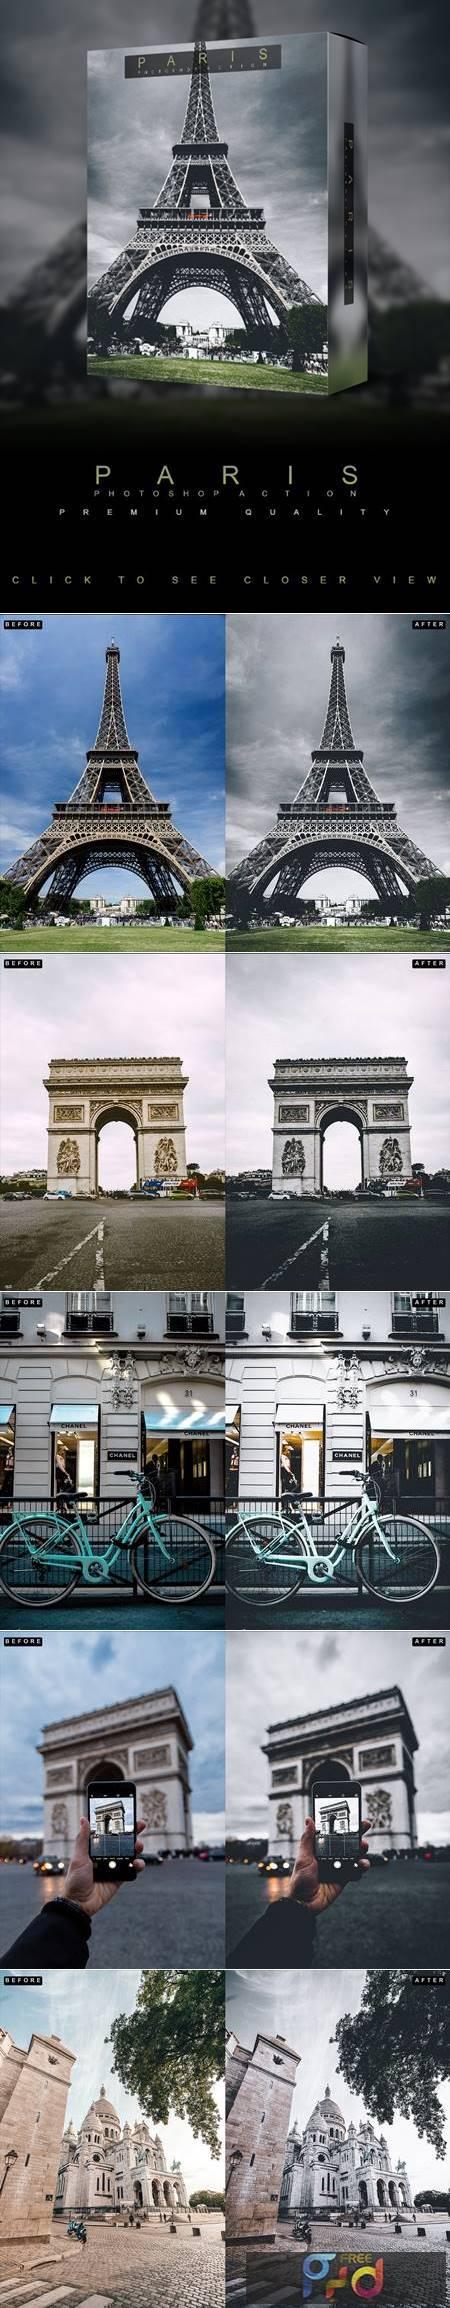 Famous Citys - PARIS - Photoshop Action 26739294 1